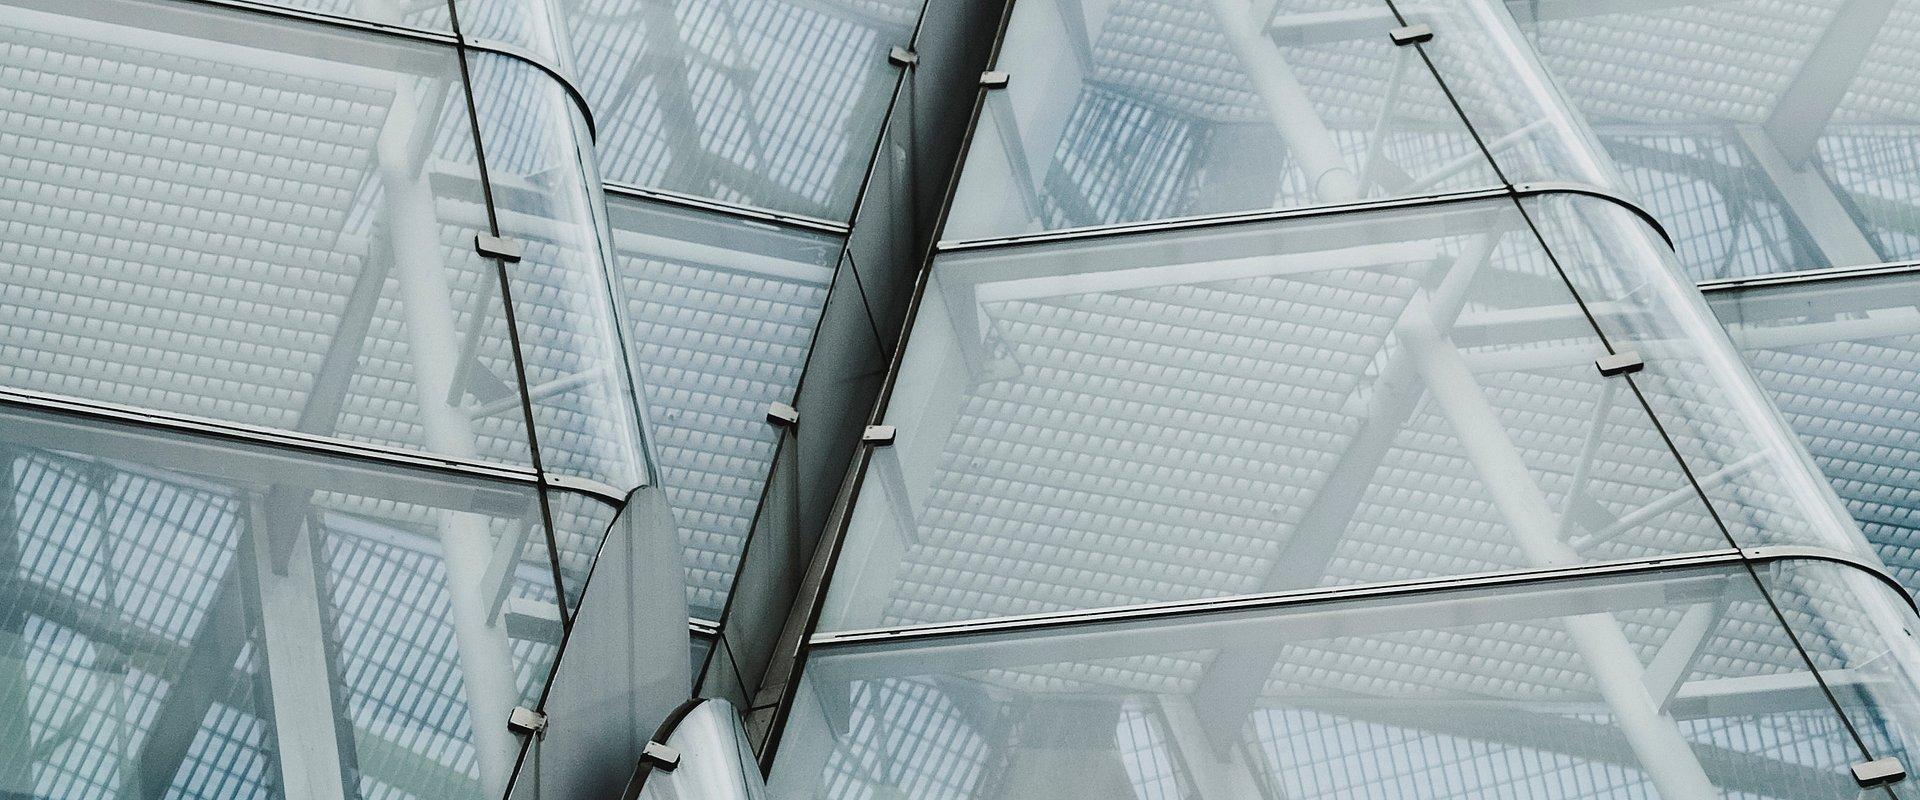 Popyt na powierzchnie biurowe w Warszawie zbliża się do rekordowego poziomu